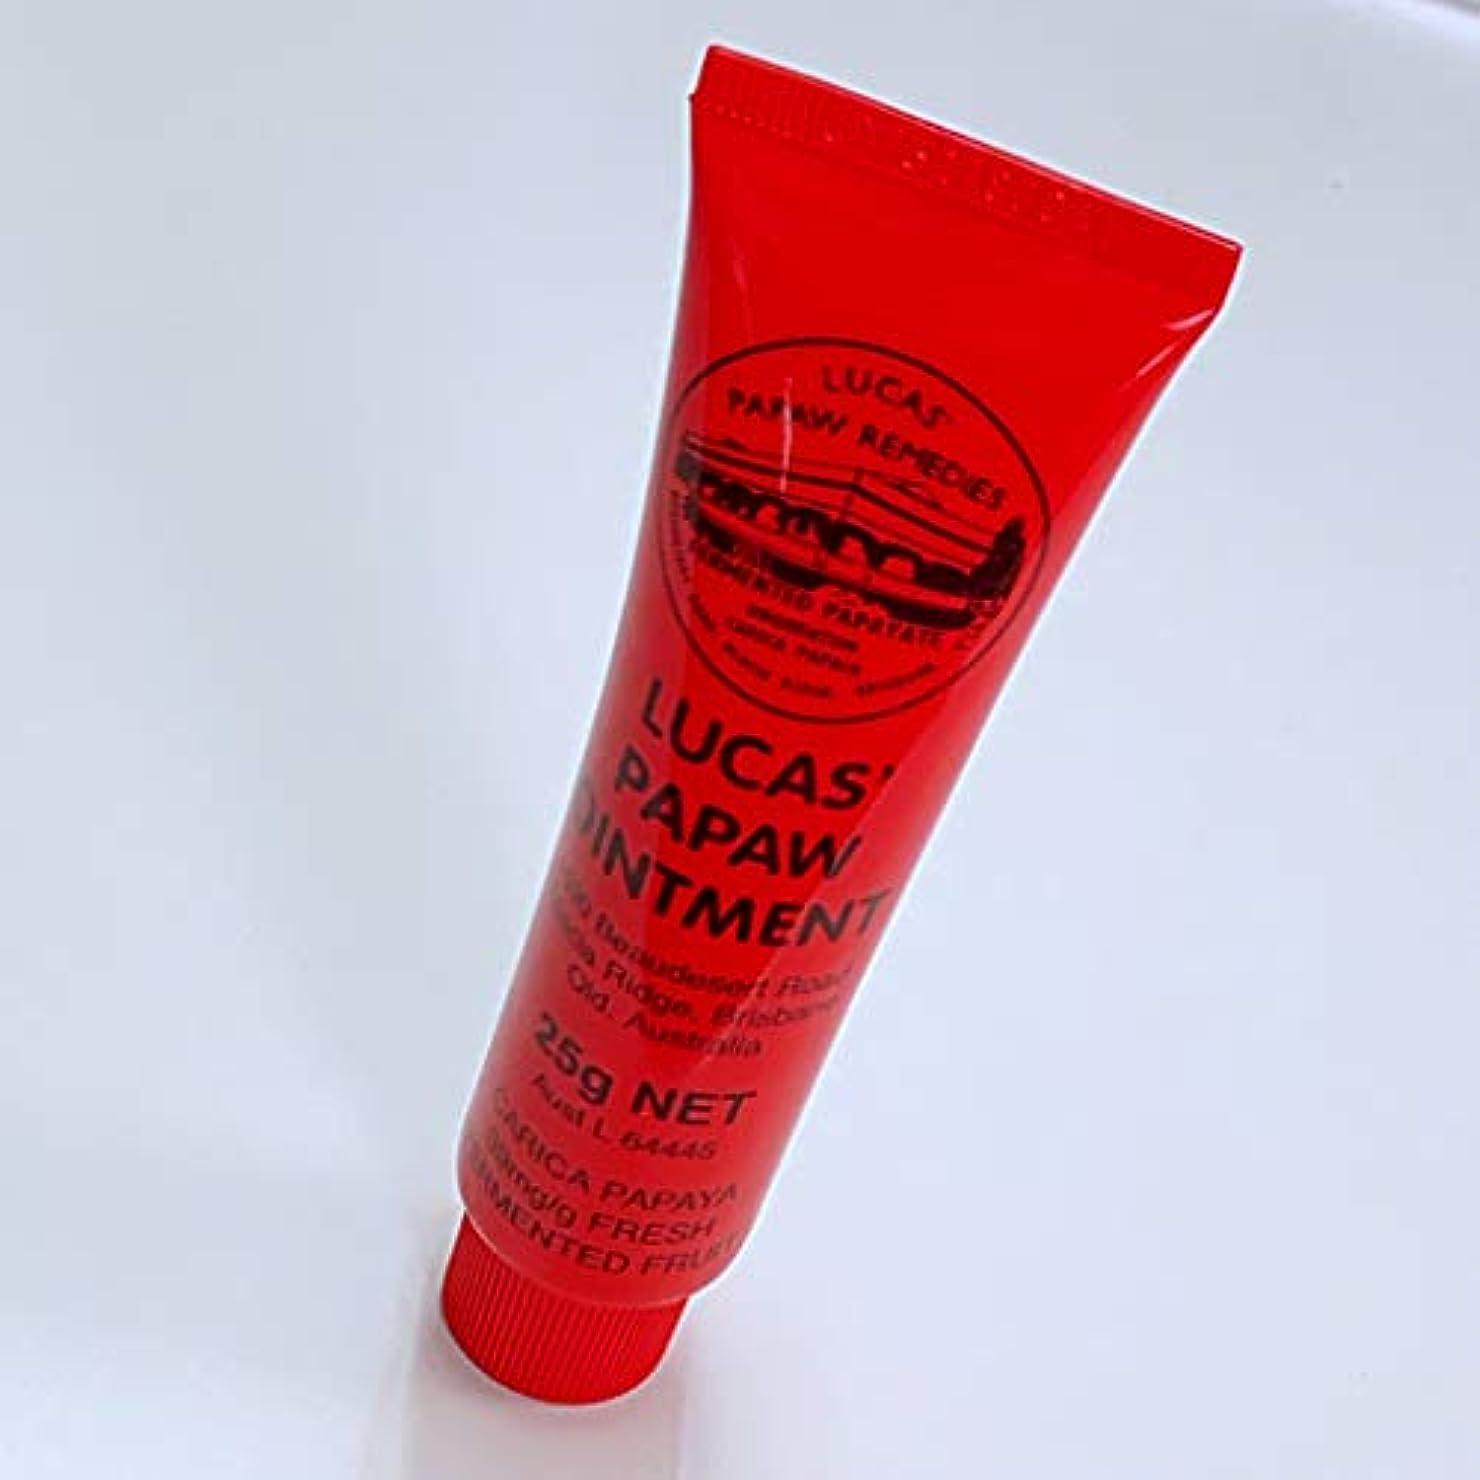 ルーカスポーポー(Lucas' Papaw) クリーム 75g (25g x 3本セット)[並行輸入品]